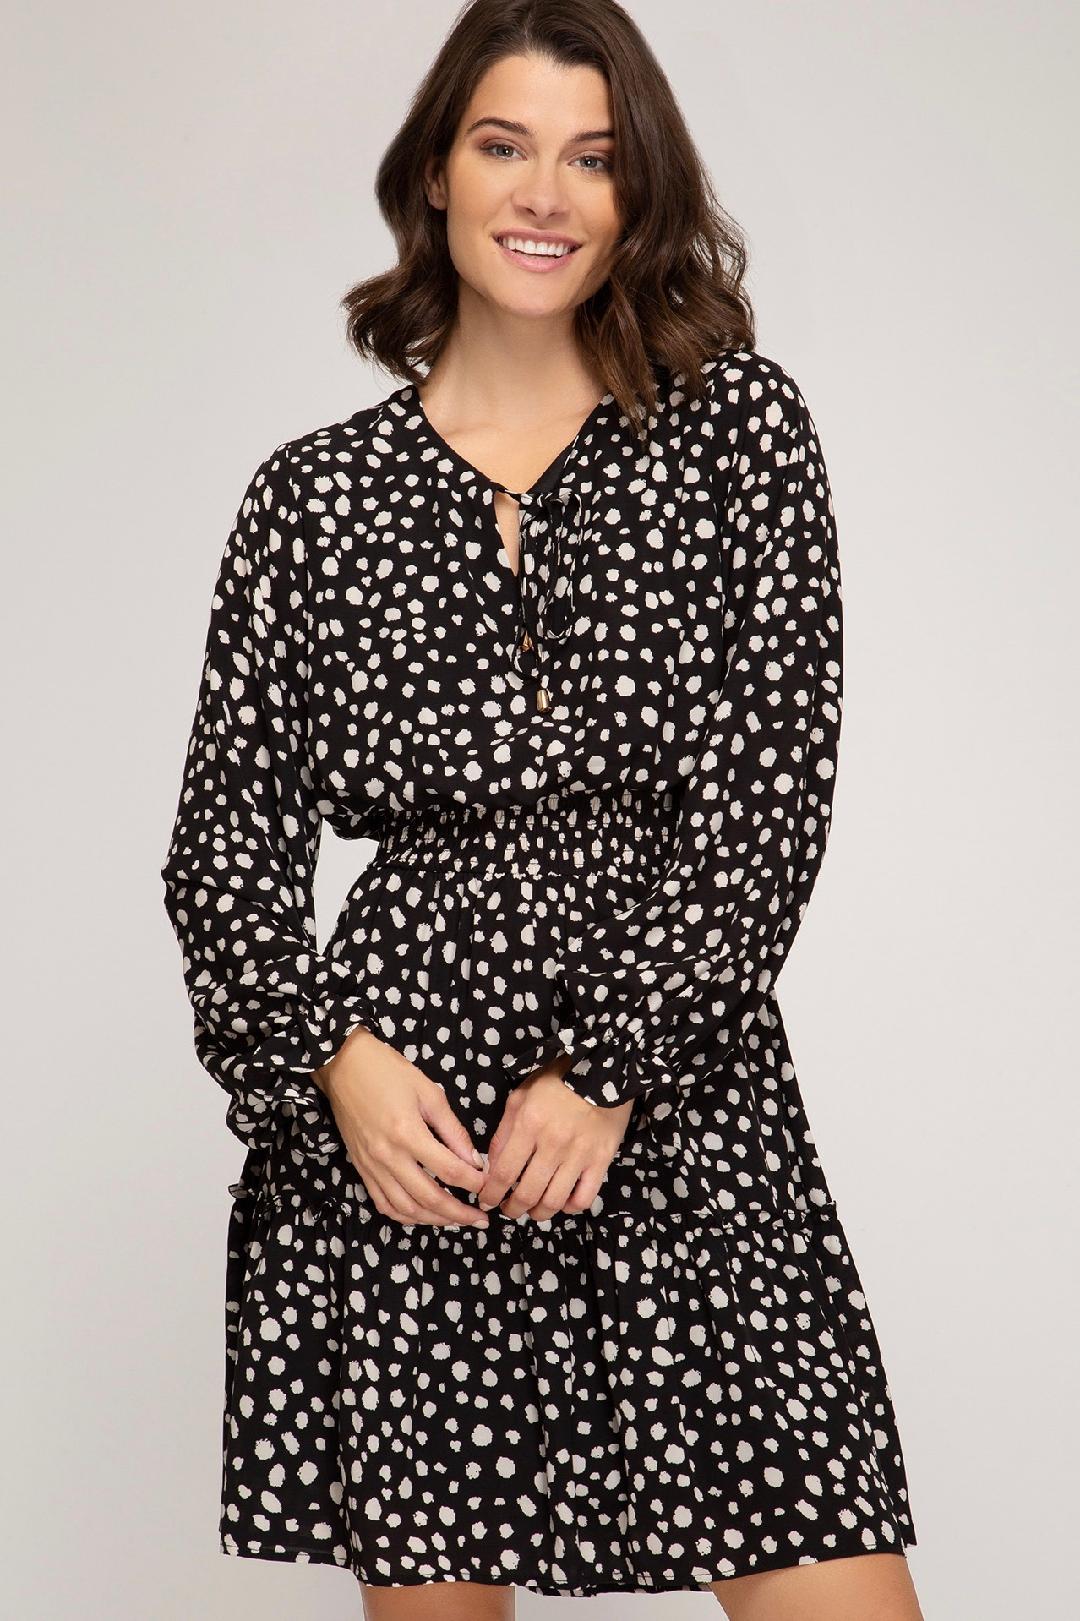 Dress_195268A.jpg